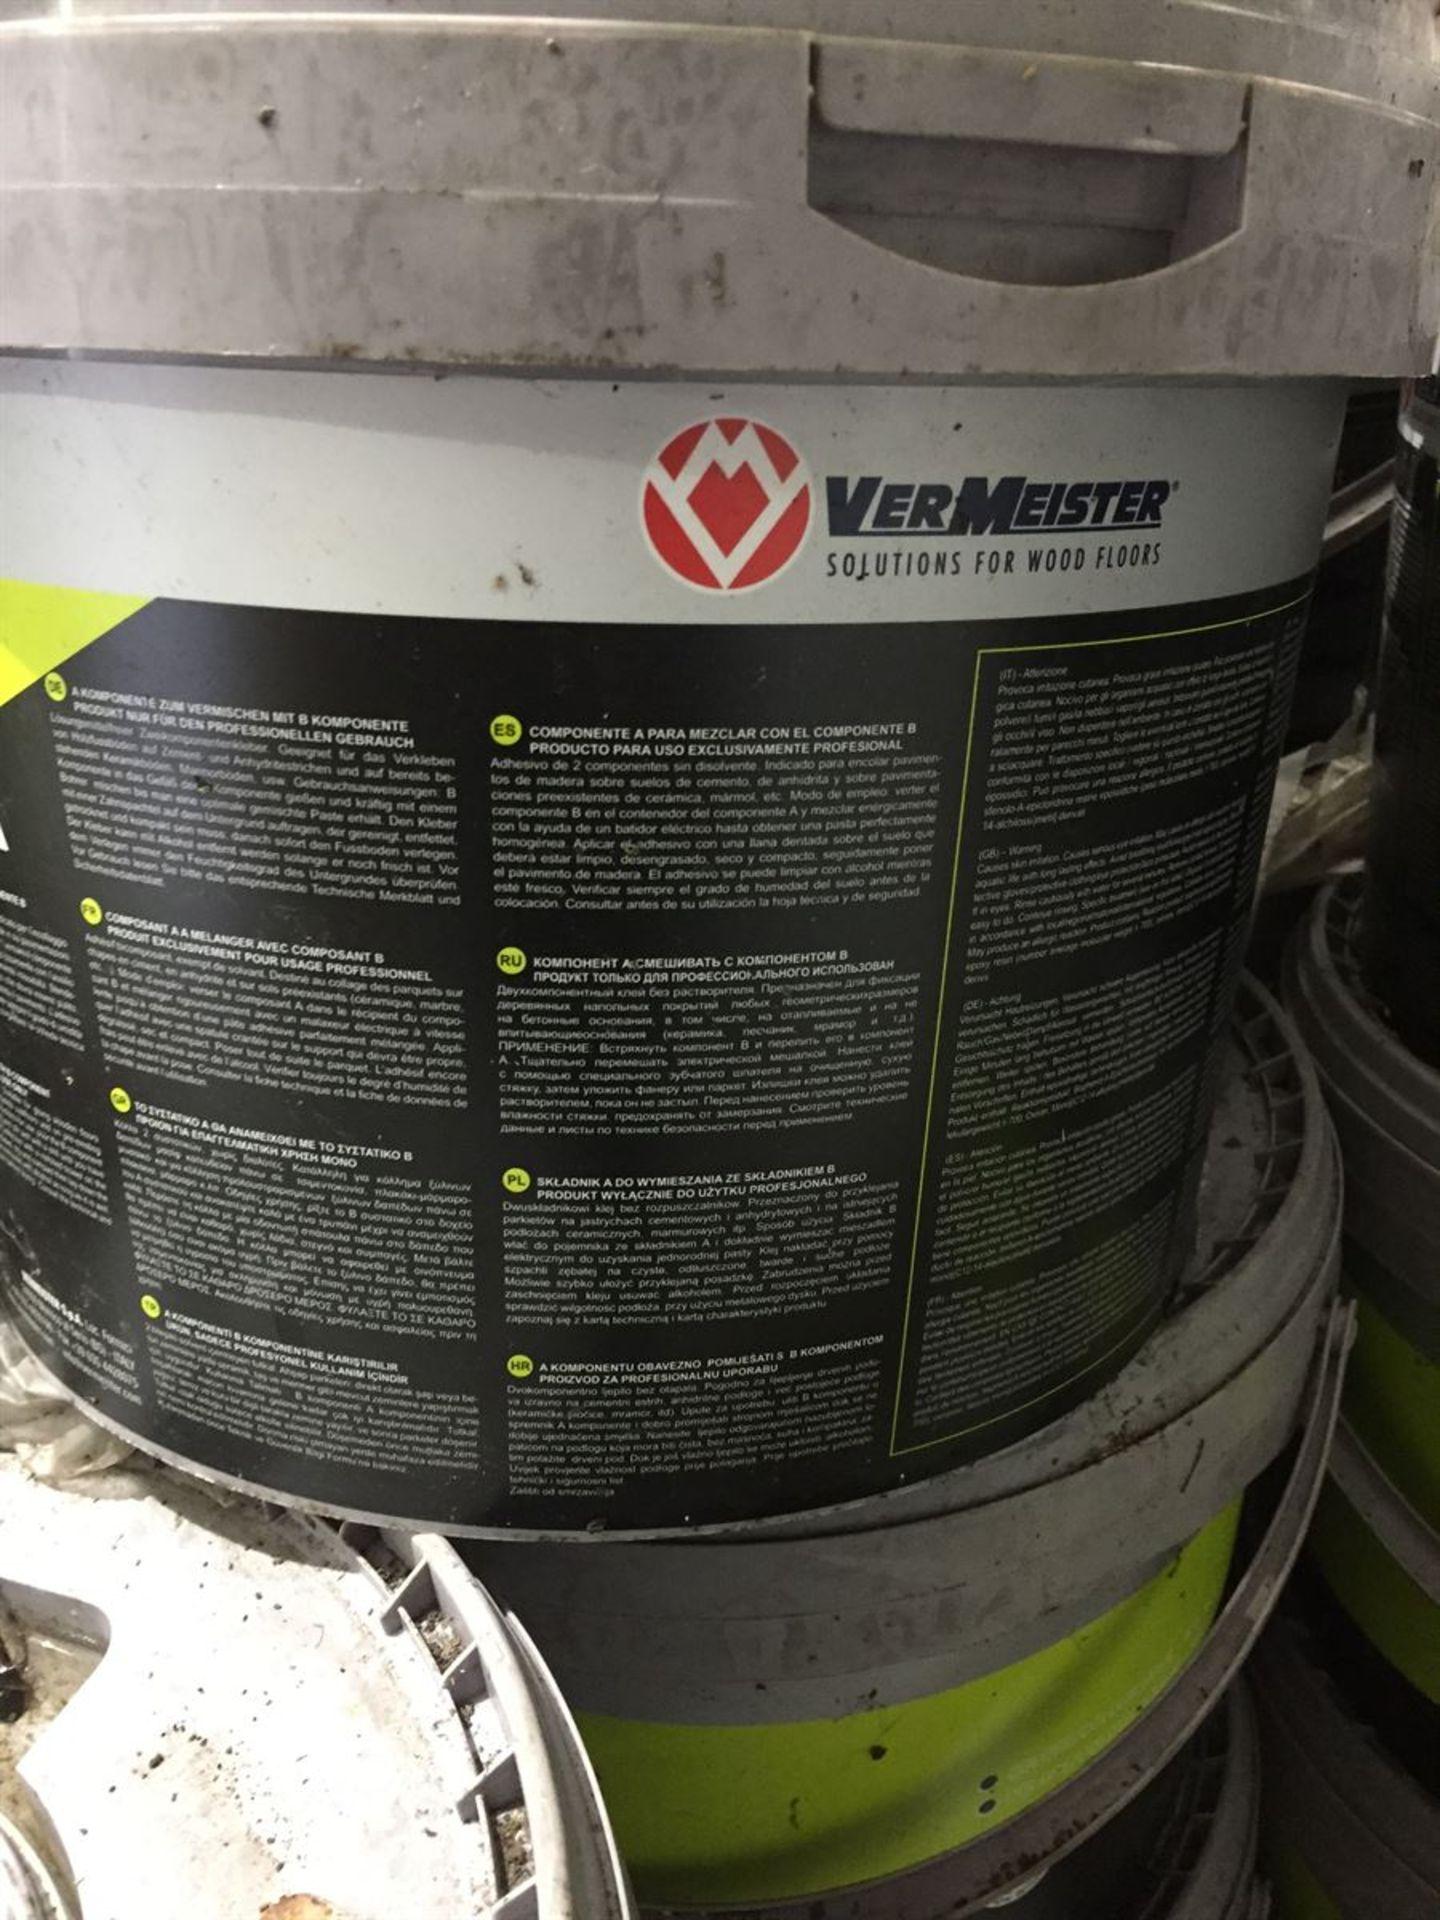 1x 10kg Tub VerMeister 2pak Wood flooring Adhesive - Image 4 of 5